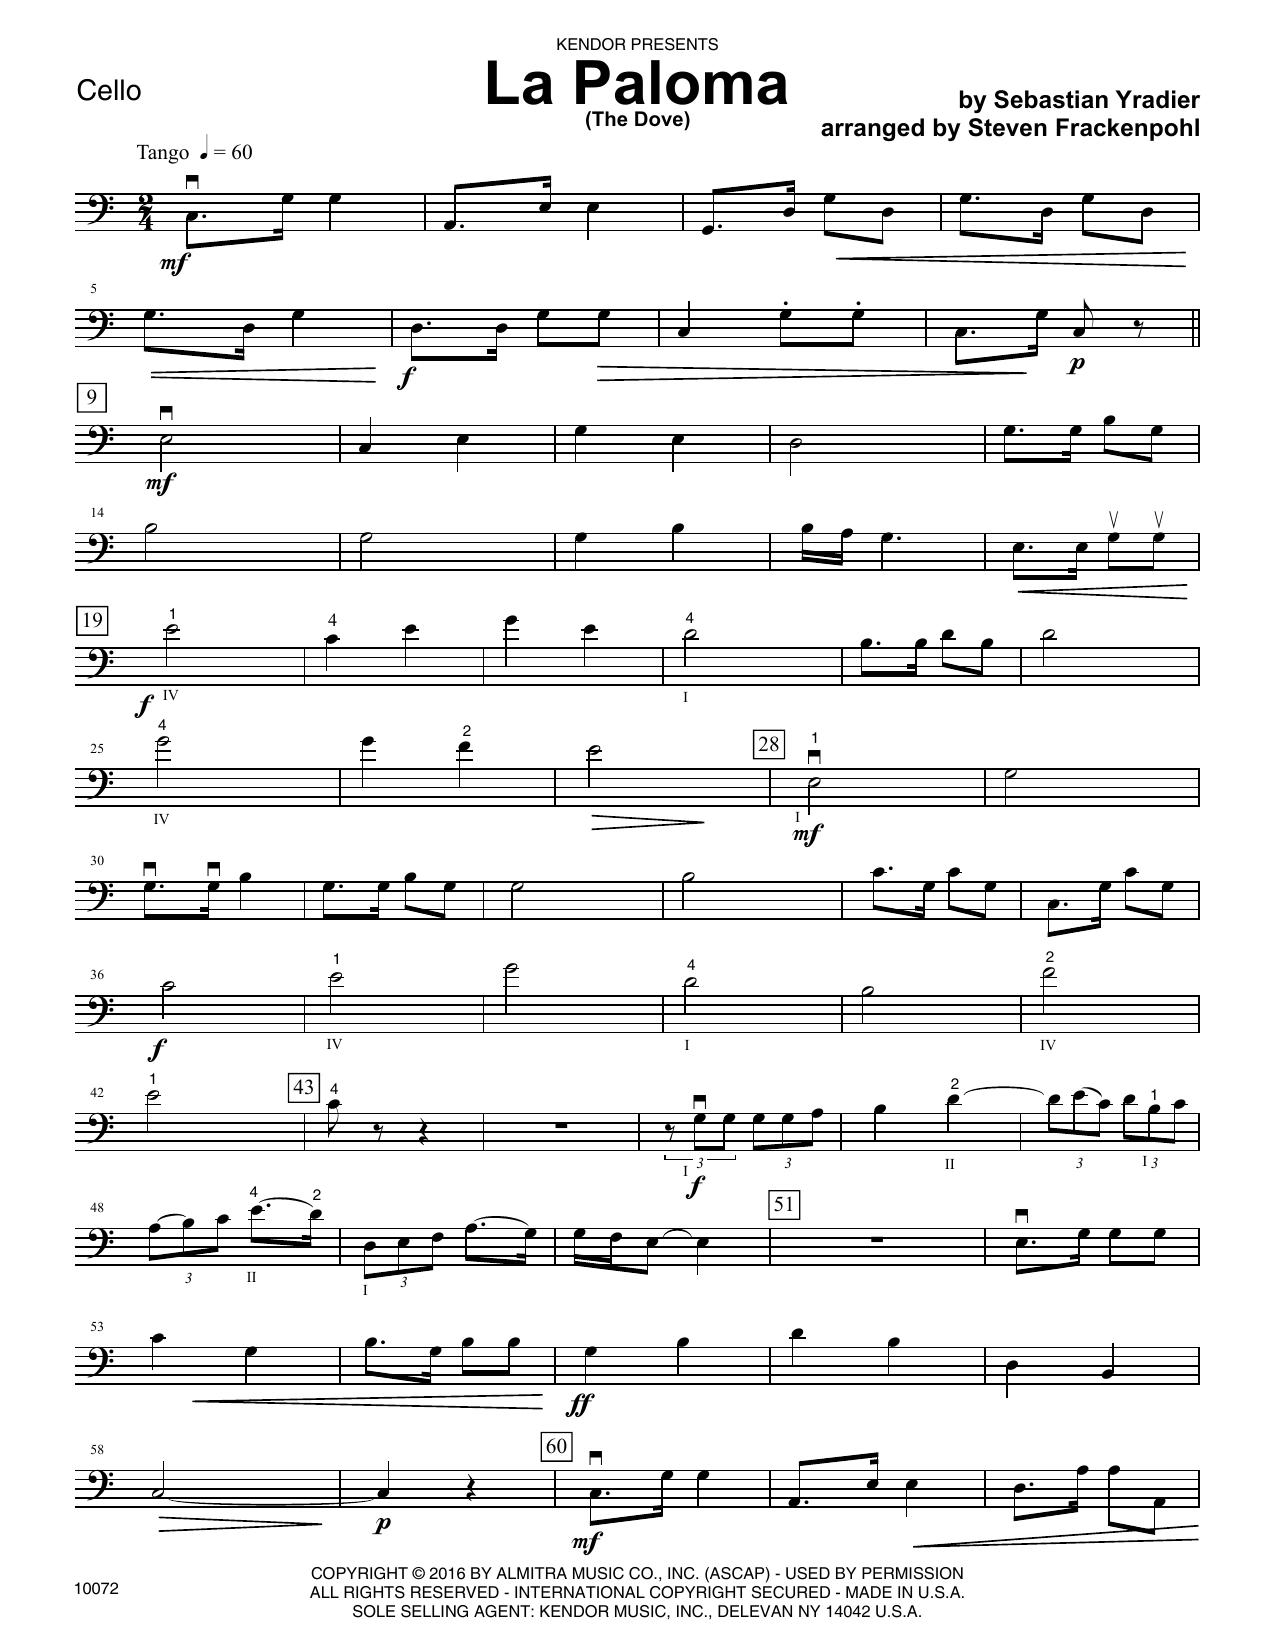 La Paloma (The Dove) - Cello